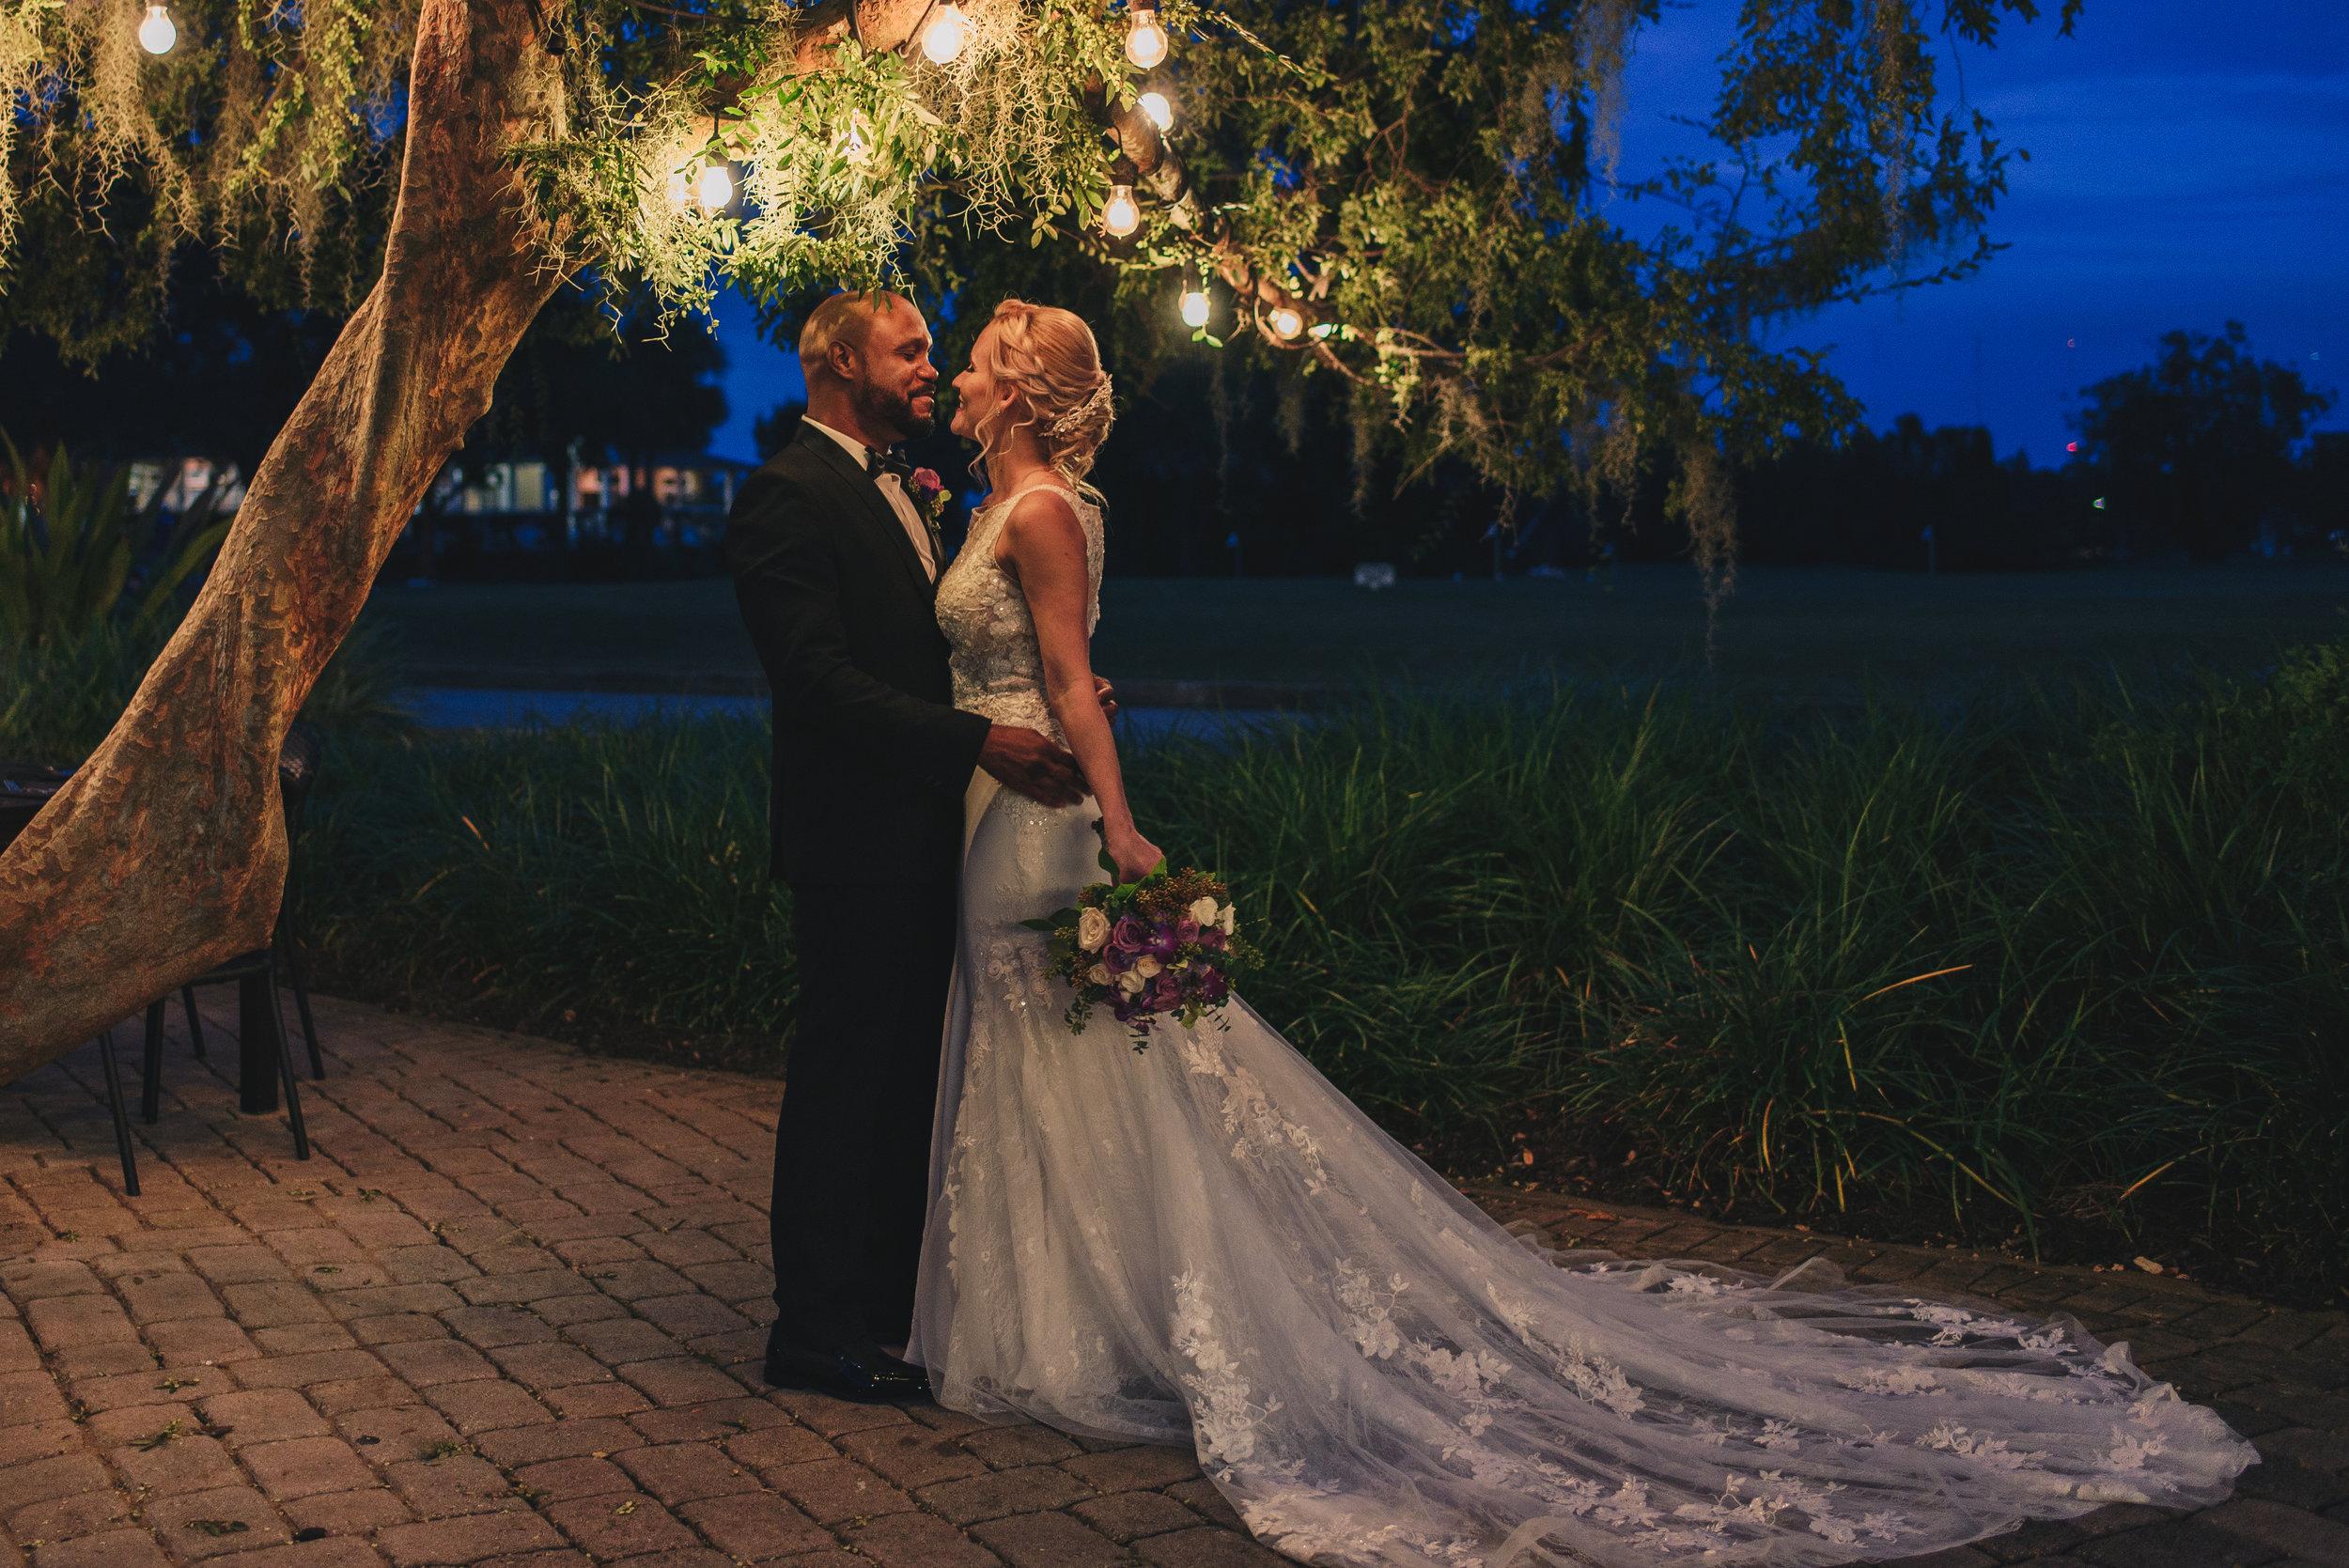 Los-Vargas-Photo-Wedding-Historic-Dubsdread-Ballroom-8863.jpg